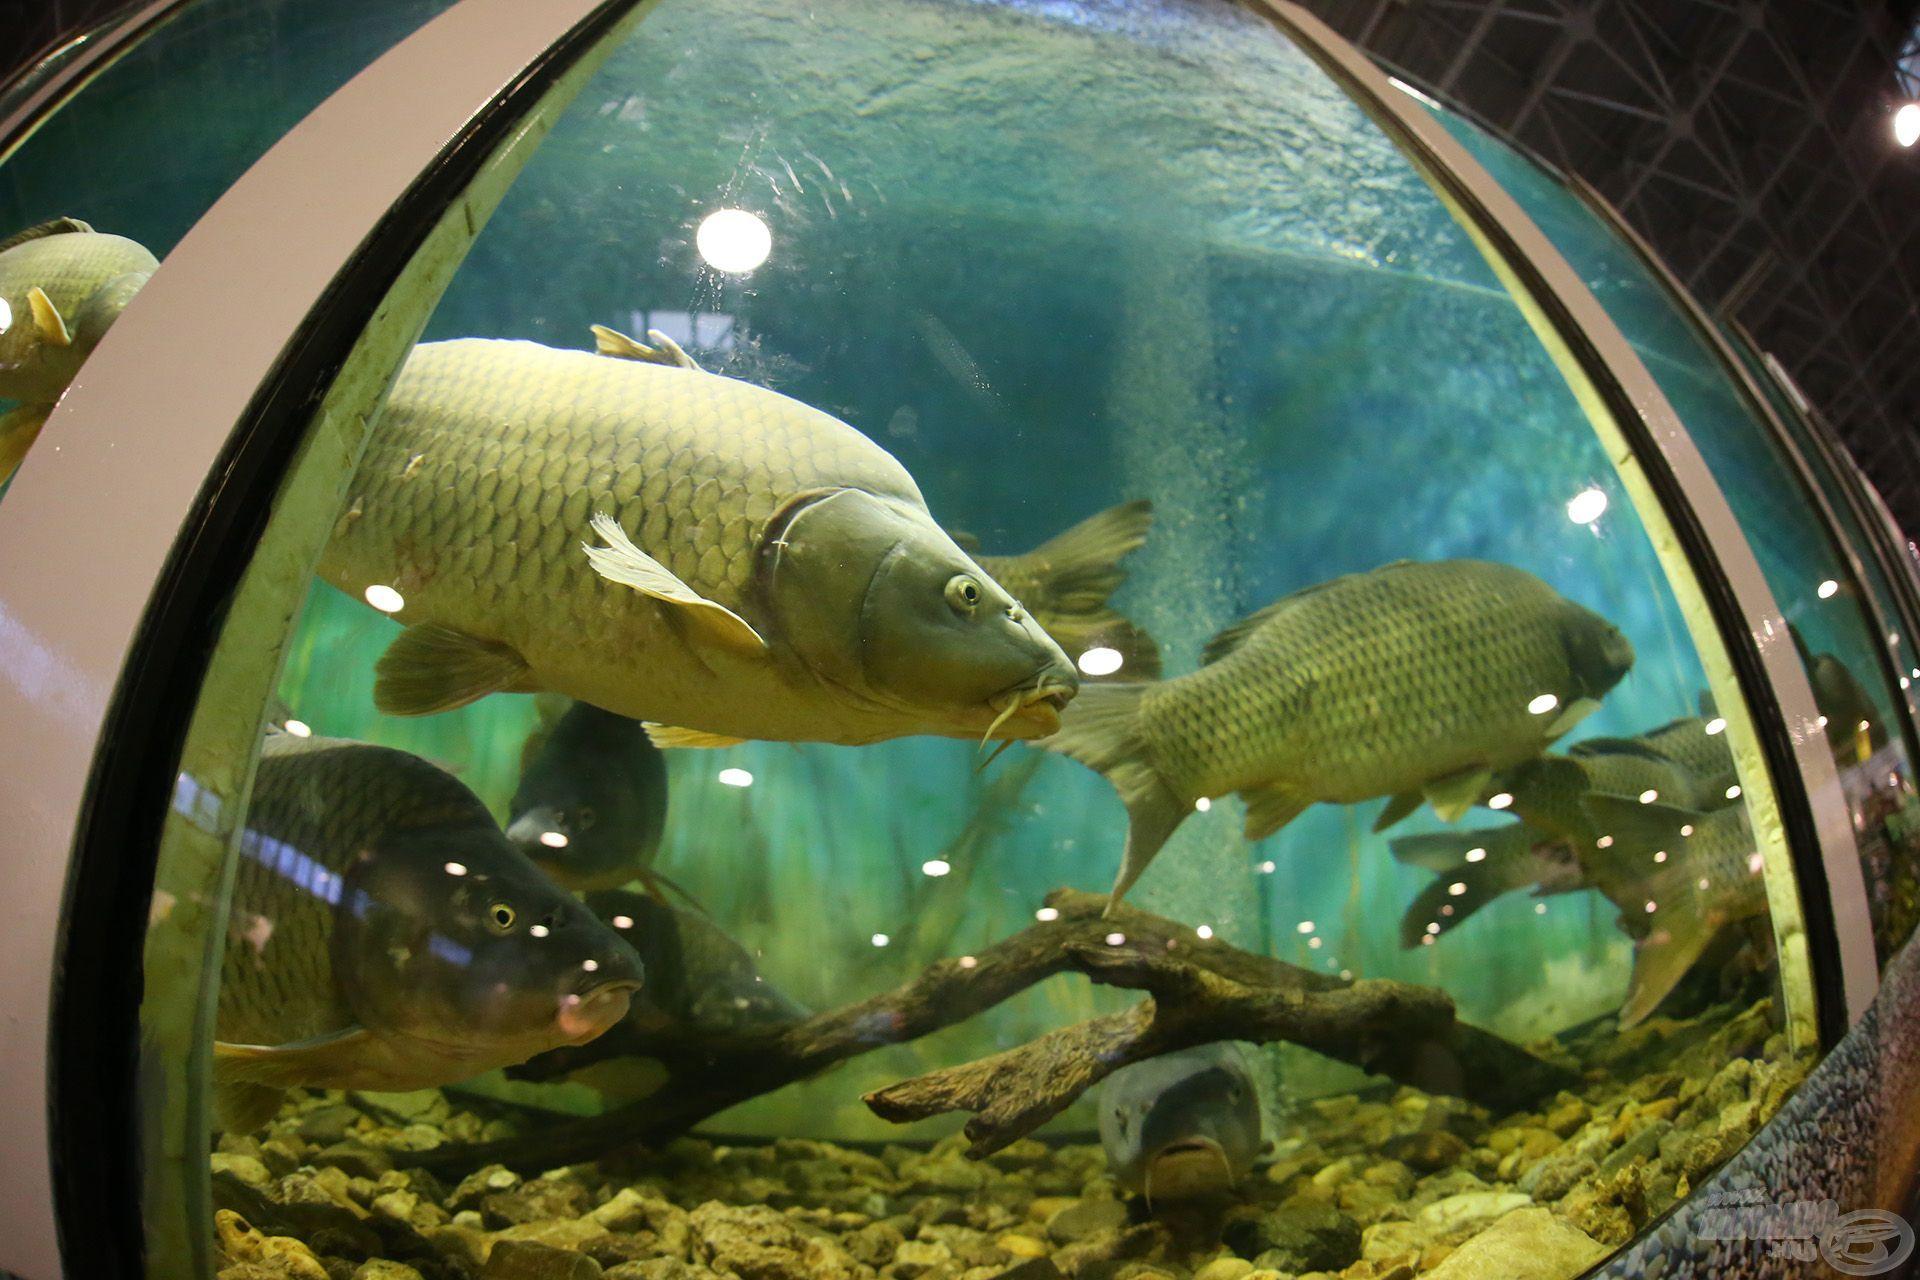 Az akváriumban magyarországi pontyfajták seregszemléje – bemutatkozik a Balatoni Sudár ponty és a Nagyatádi tükrös